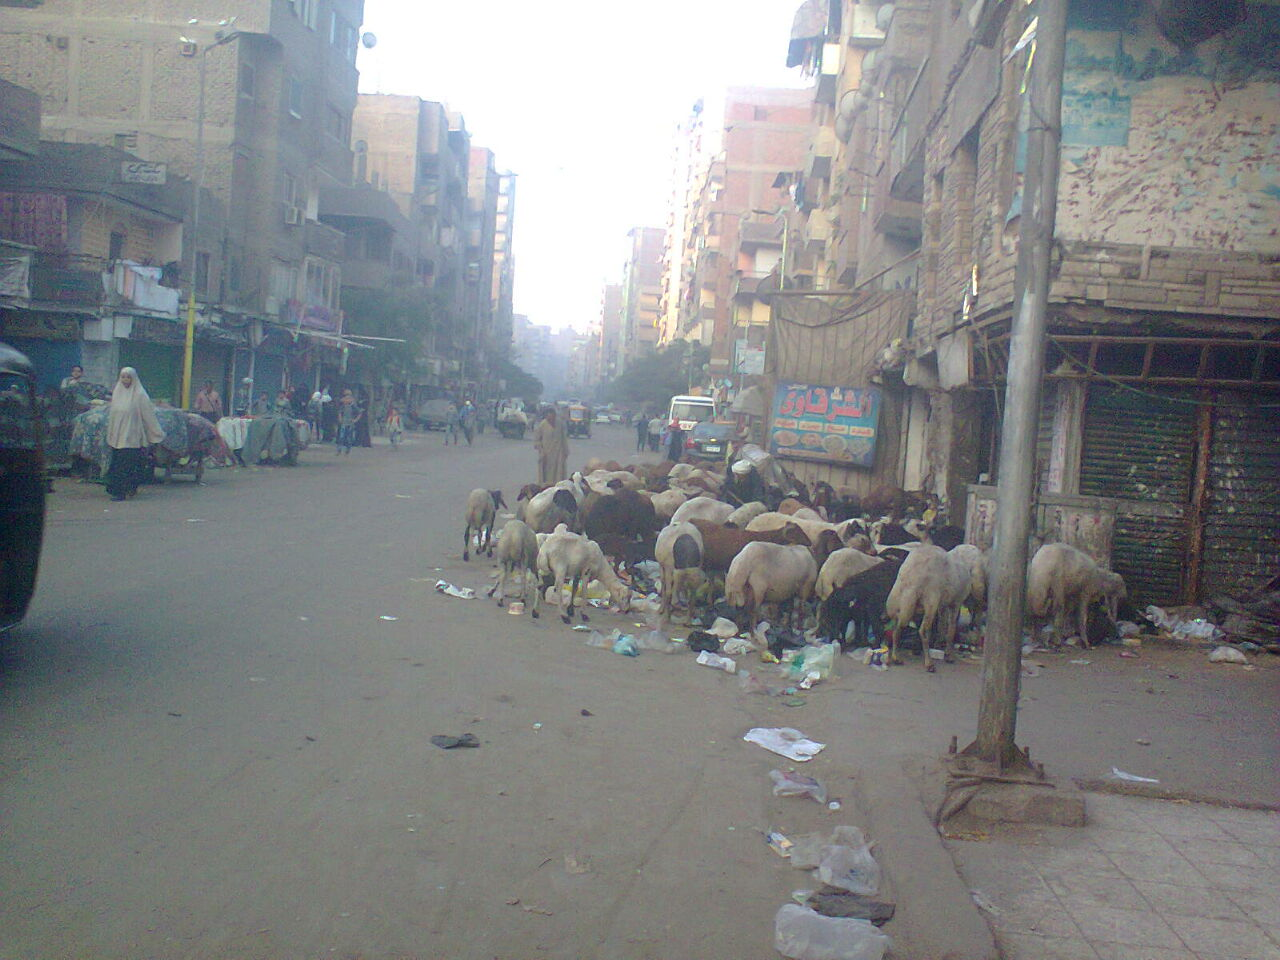 الجيزة| انتشار تجمعات القمامة بشارع مستشفى الصدر بالعمرانية (صور)